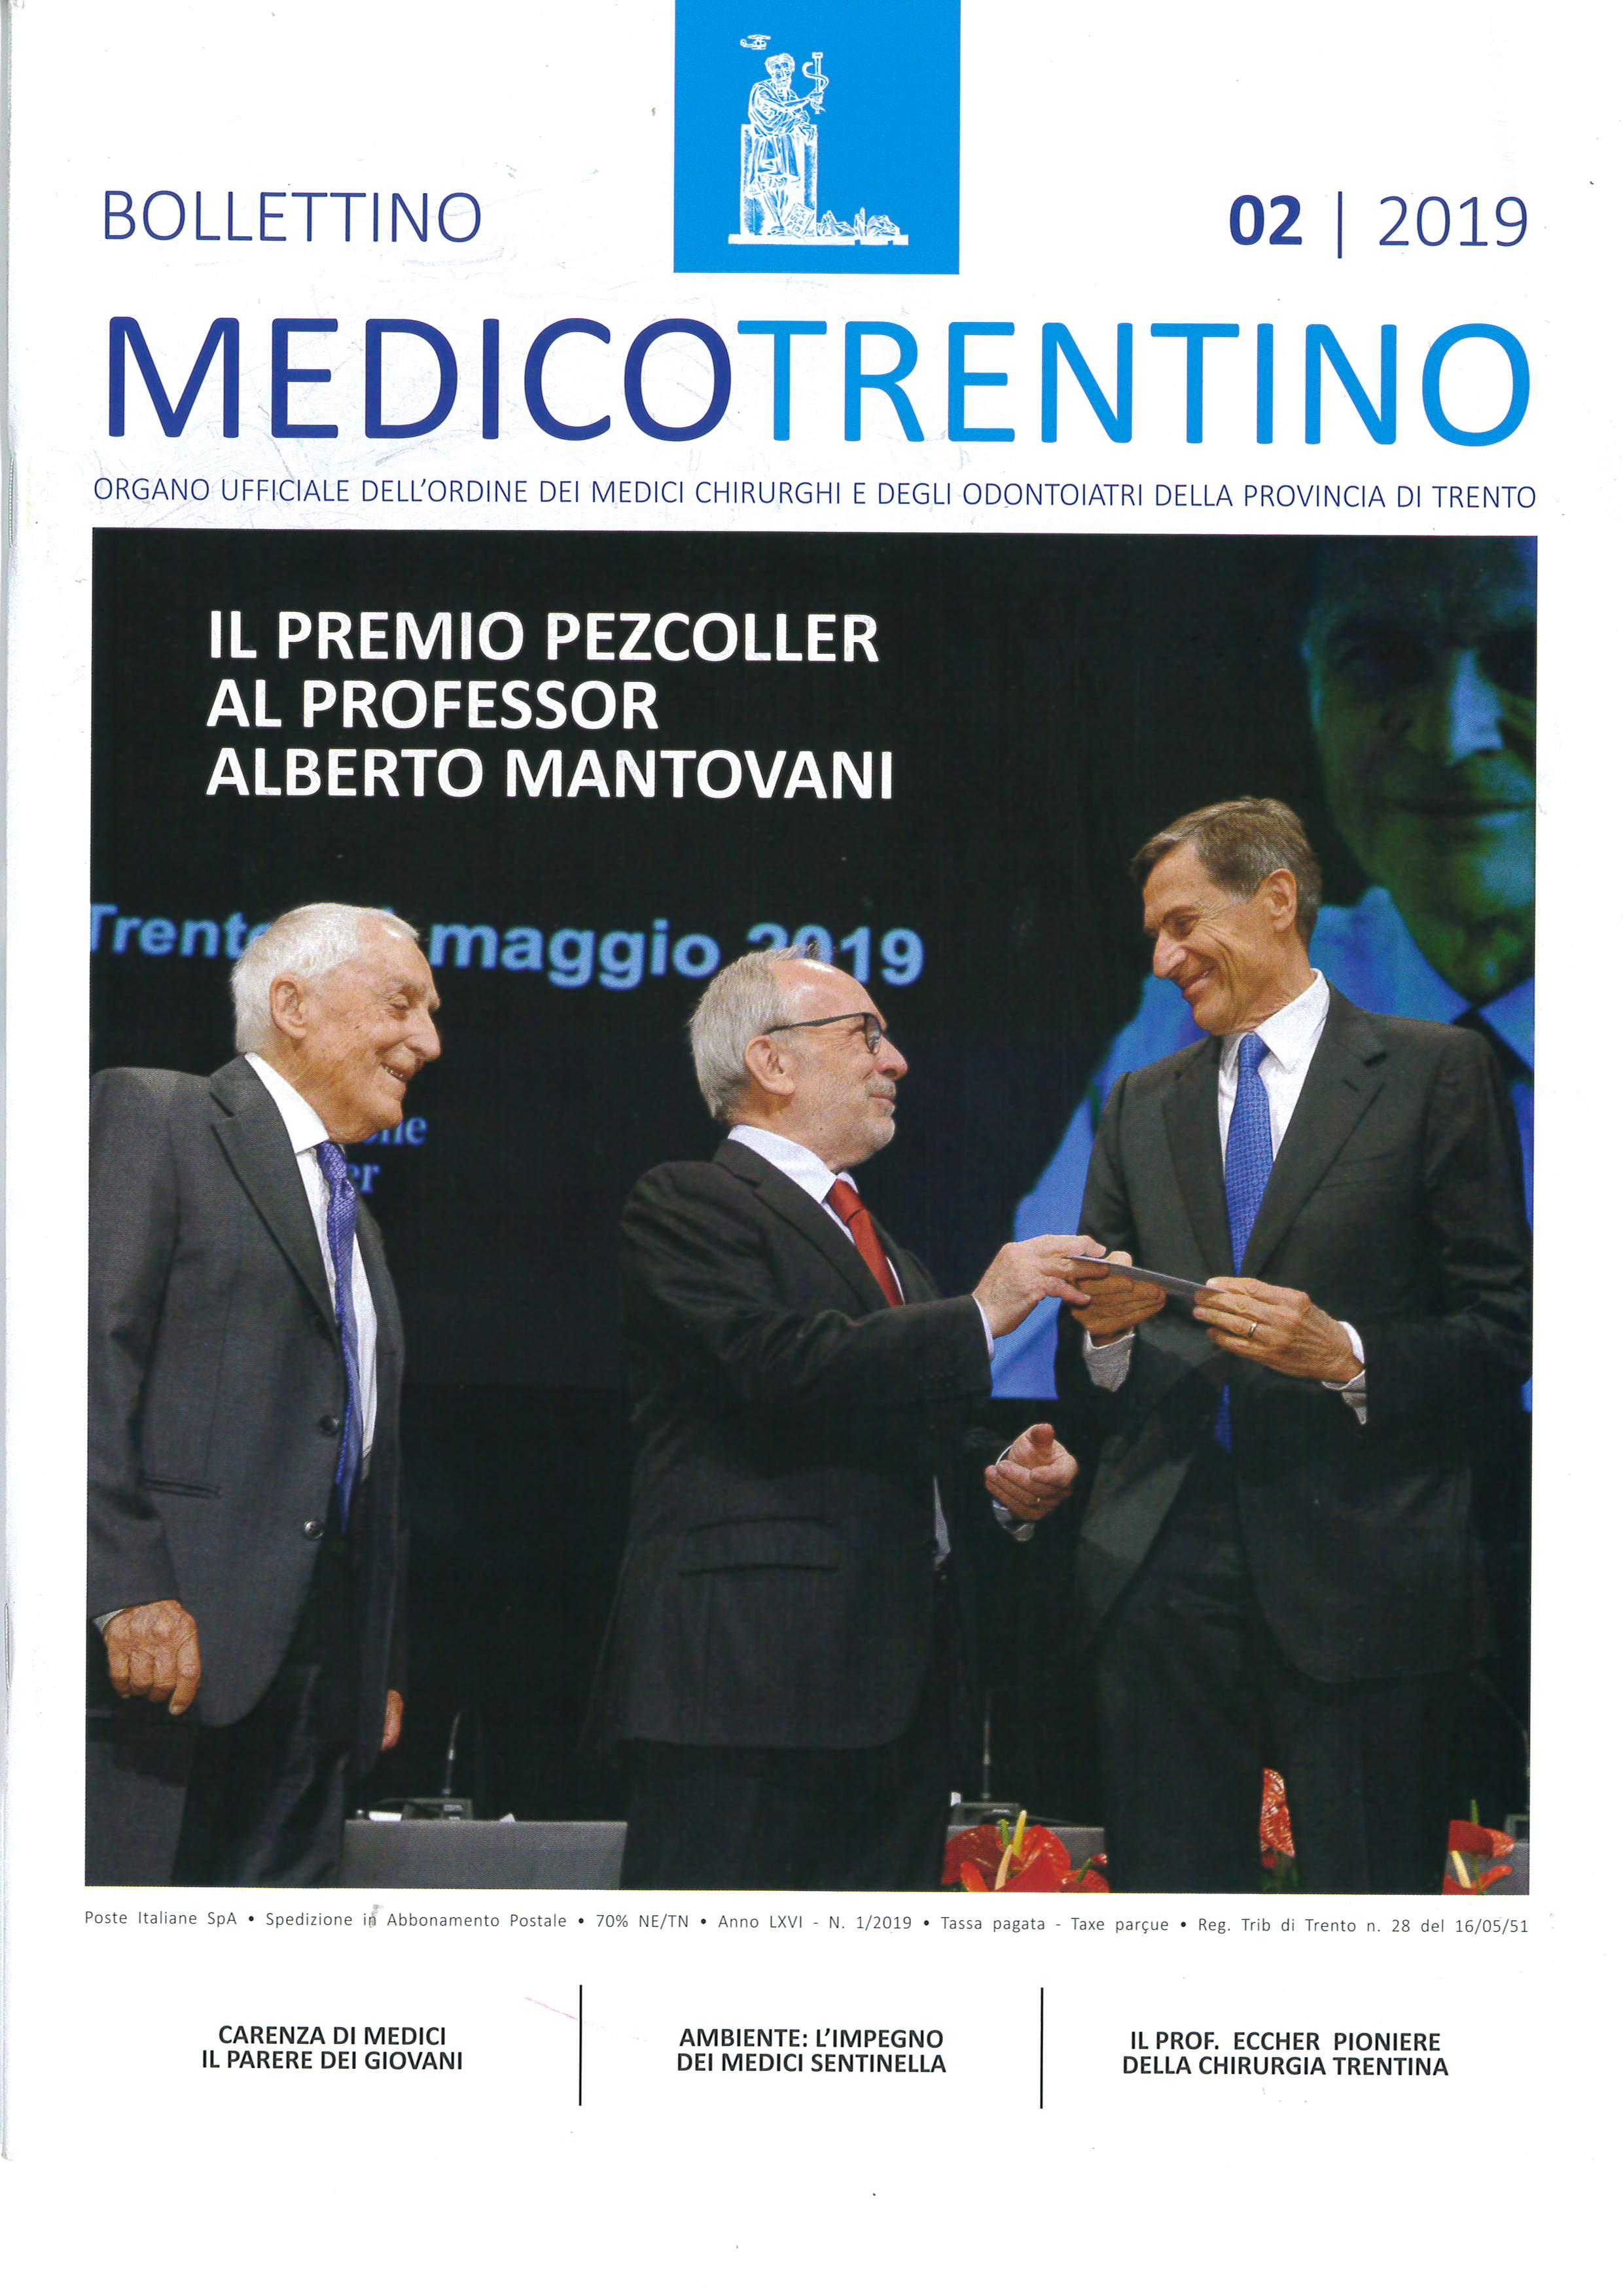 Bollettino_Medico_02_2019